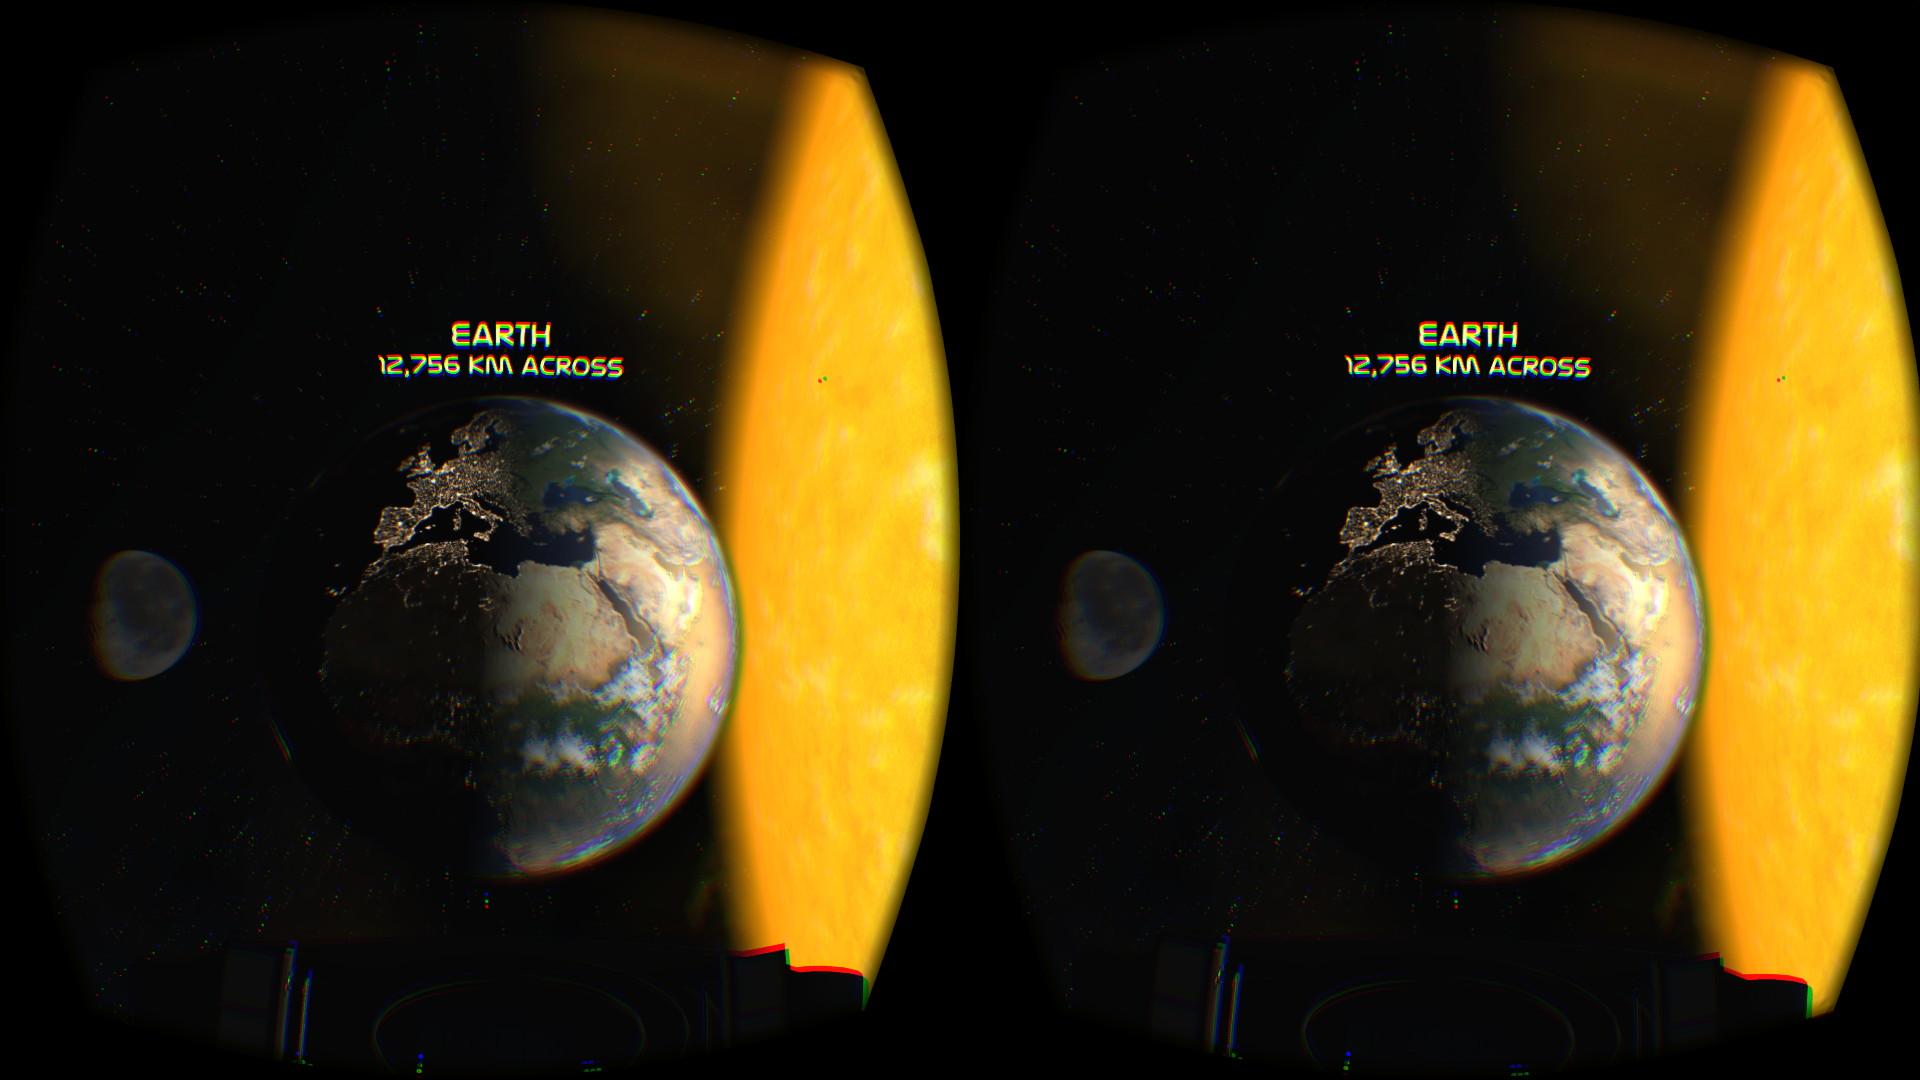 非常に小さな一人乗りの宇宙船に乗っている。目の前には美しい地球が広がる